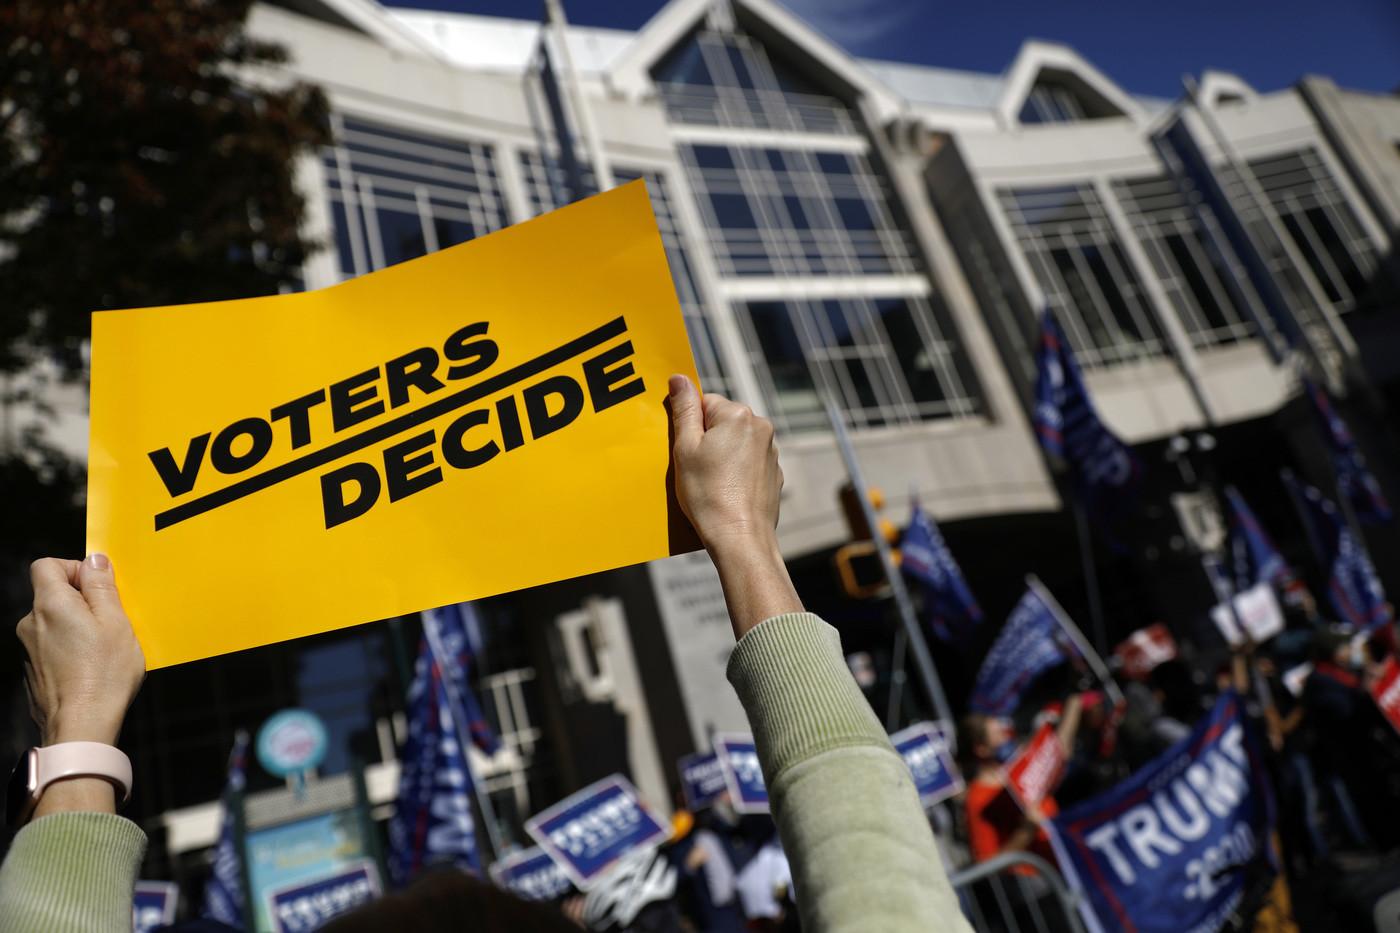 Usa 2020, Amministratori statali ed esperti smentiscono Trump: elezioni senza anomalie